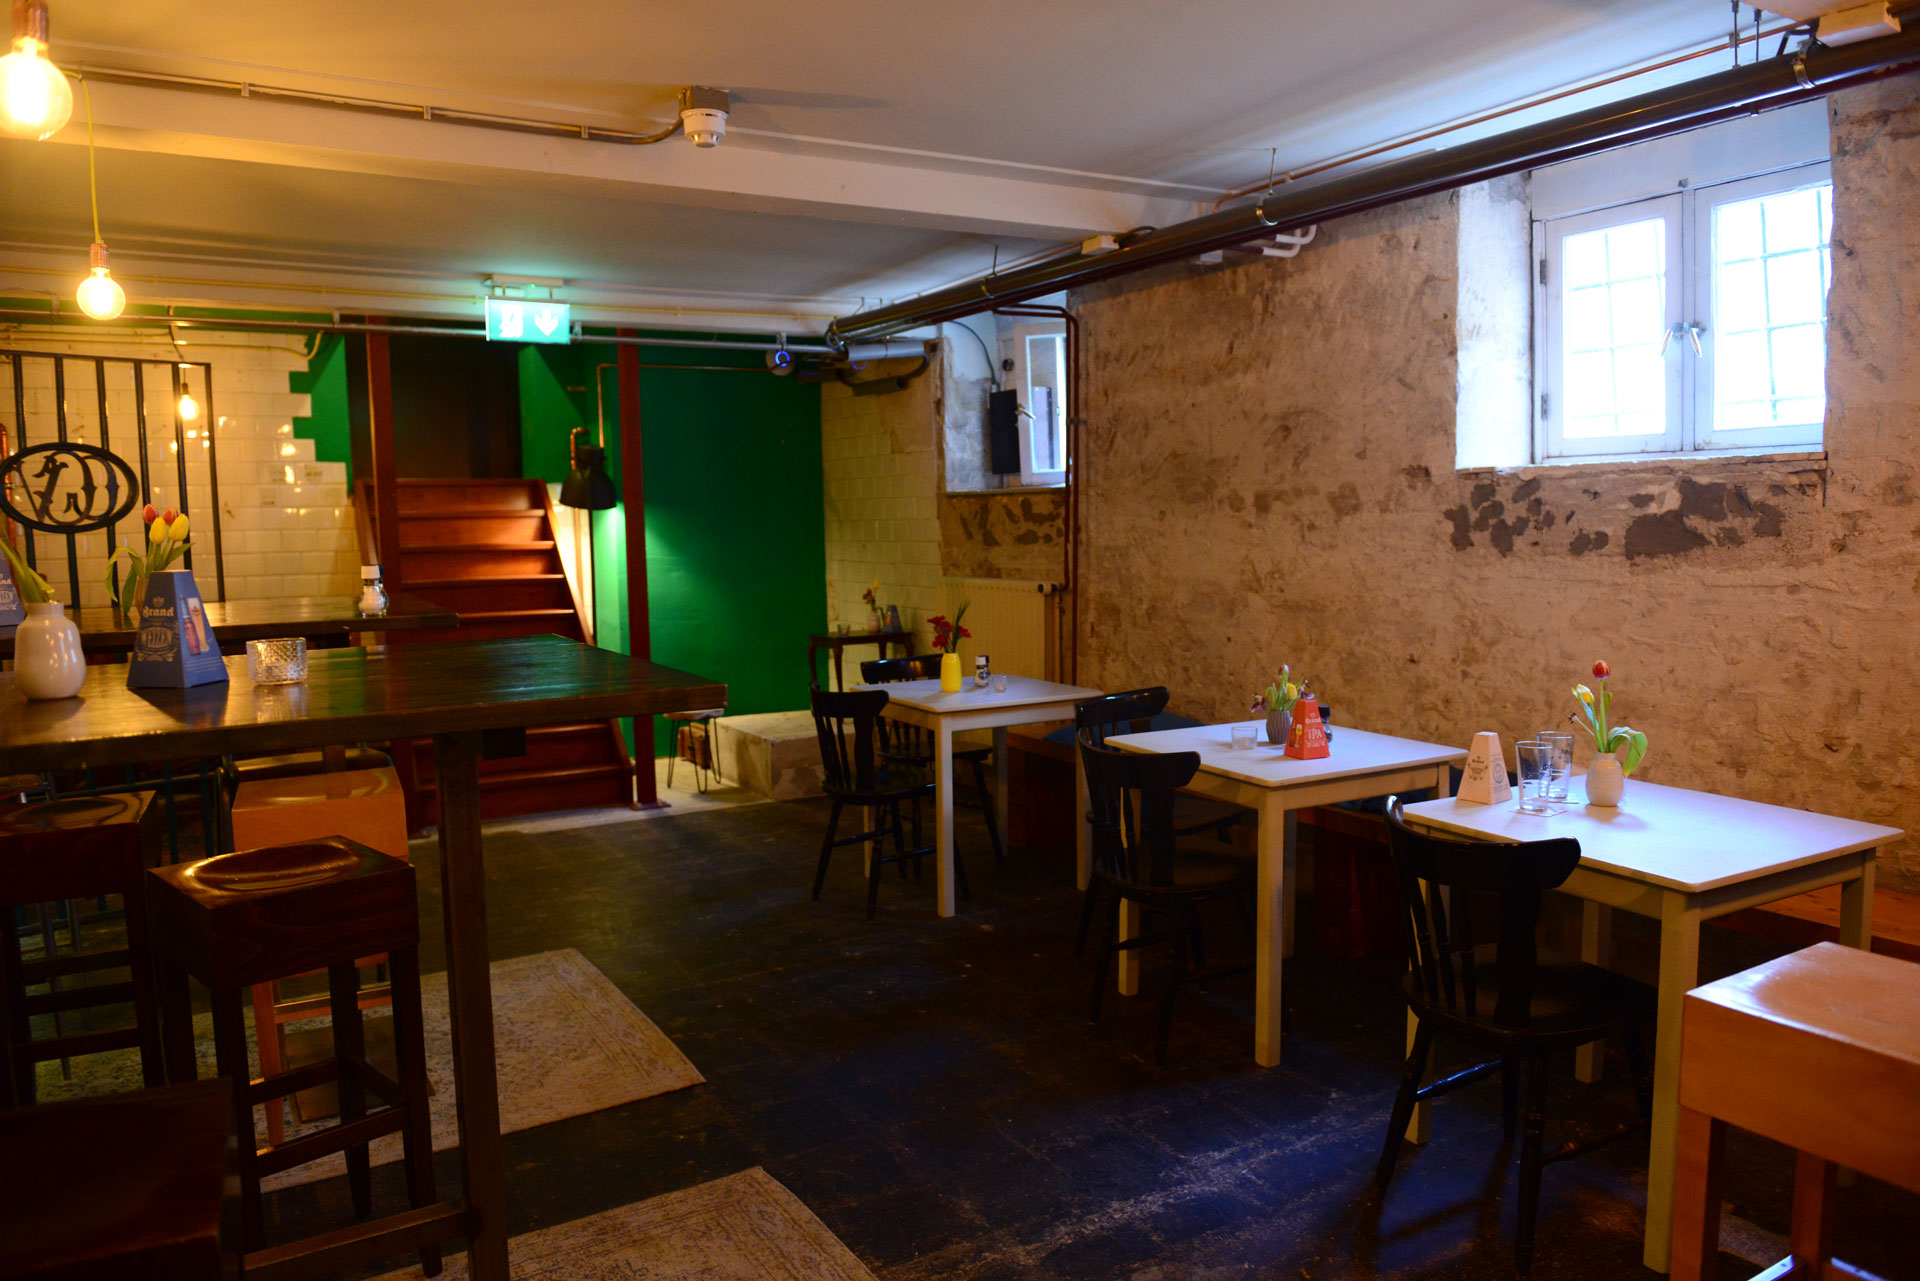 Basement Bar Hostel Roots Tilburg - ruimte voor groepen - presentaties - meetings